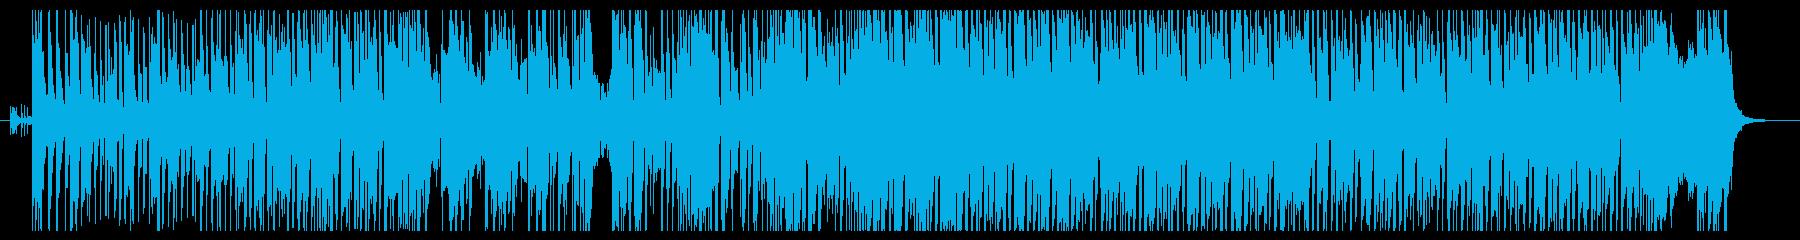 ハードロックなダンス系インスト曲の再生済みの波形